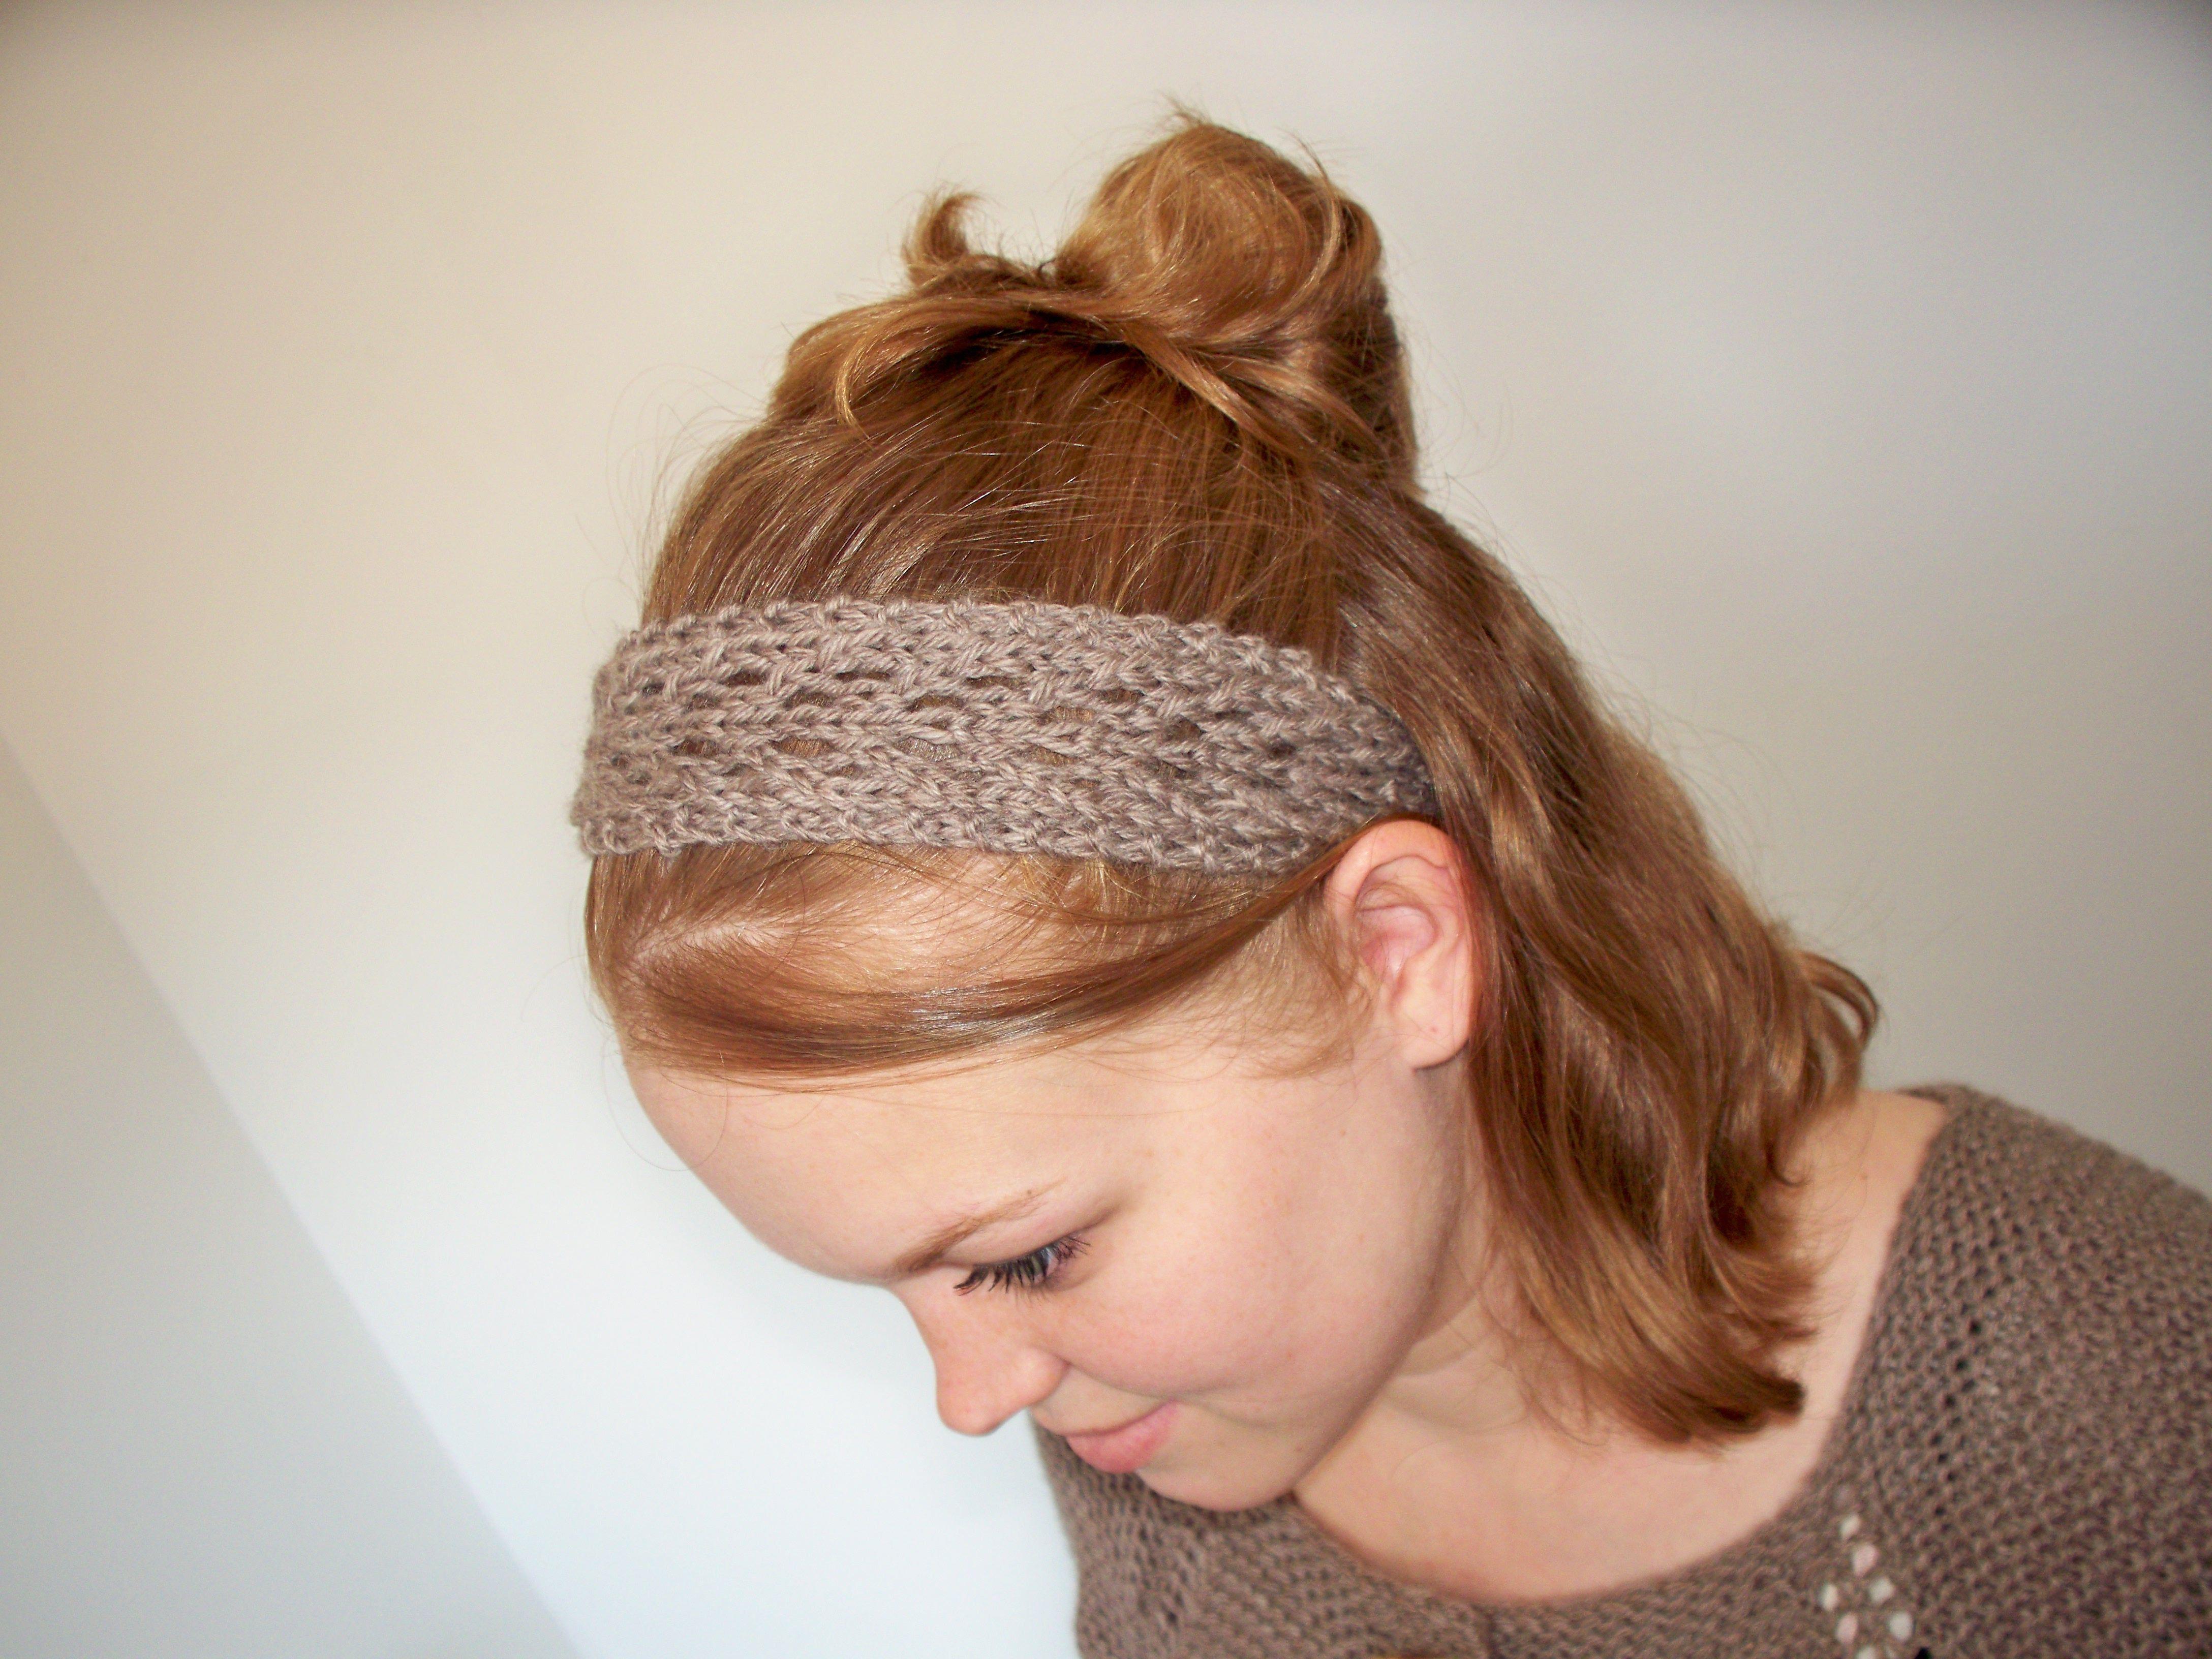 February Lady Lace Headband | Lace headbands, Knitting patterns and ...